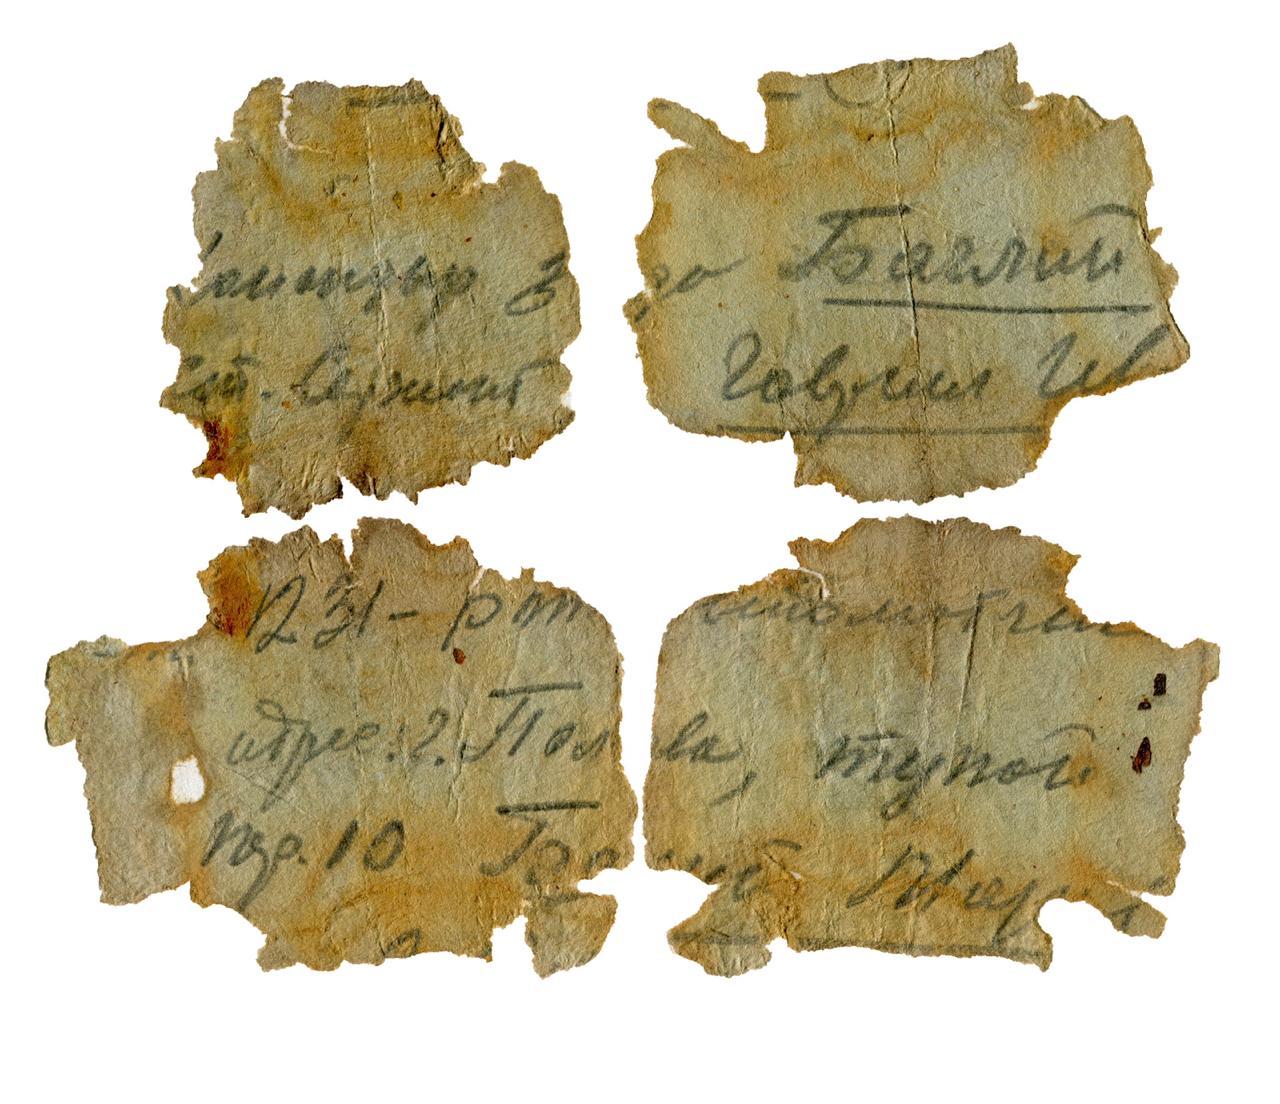 Родственников солдата, погибшего под Ржевом, нашли благодаря гильзе с запиской